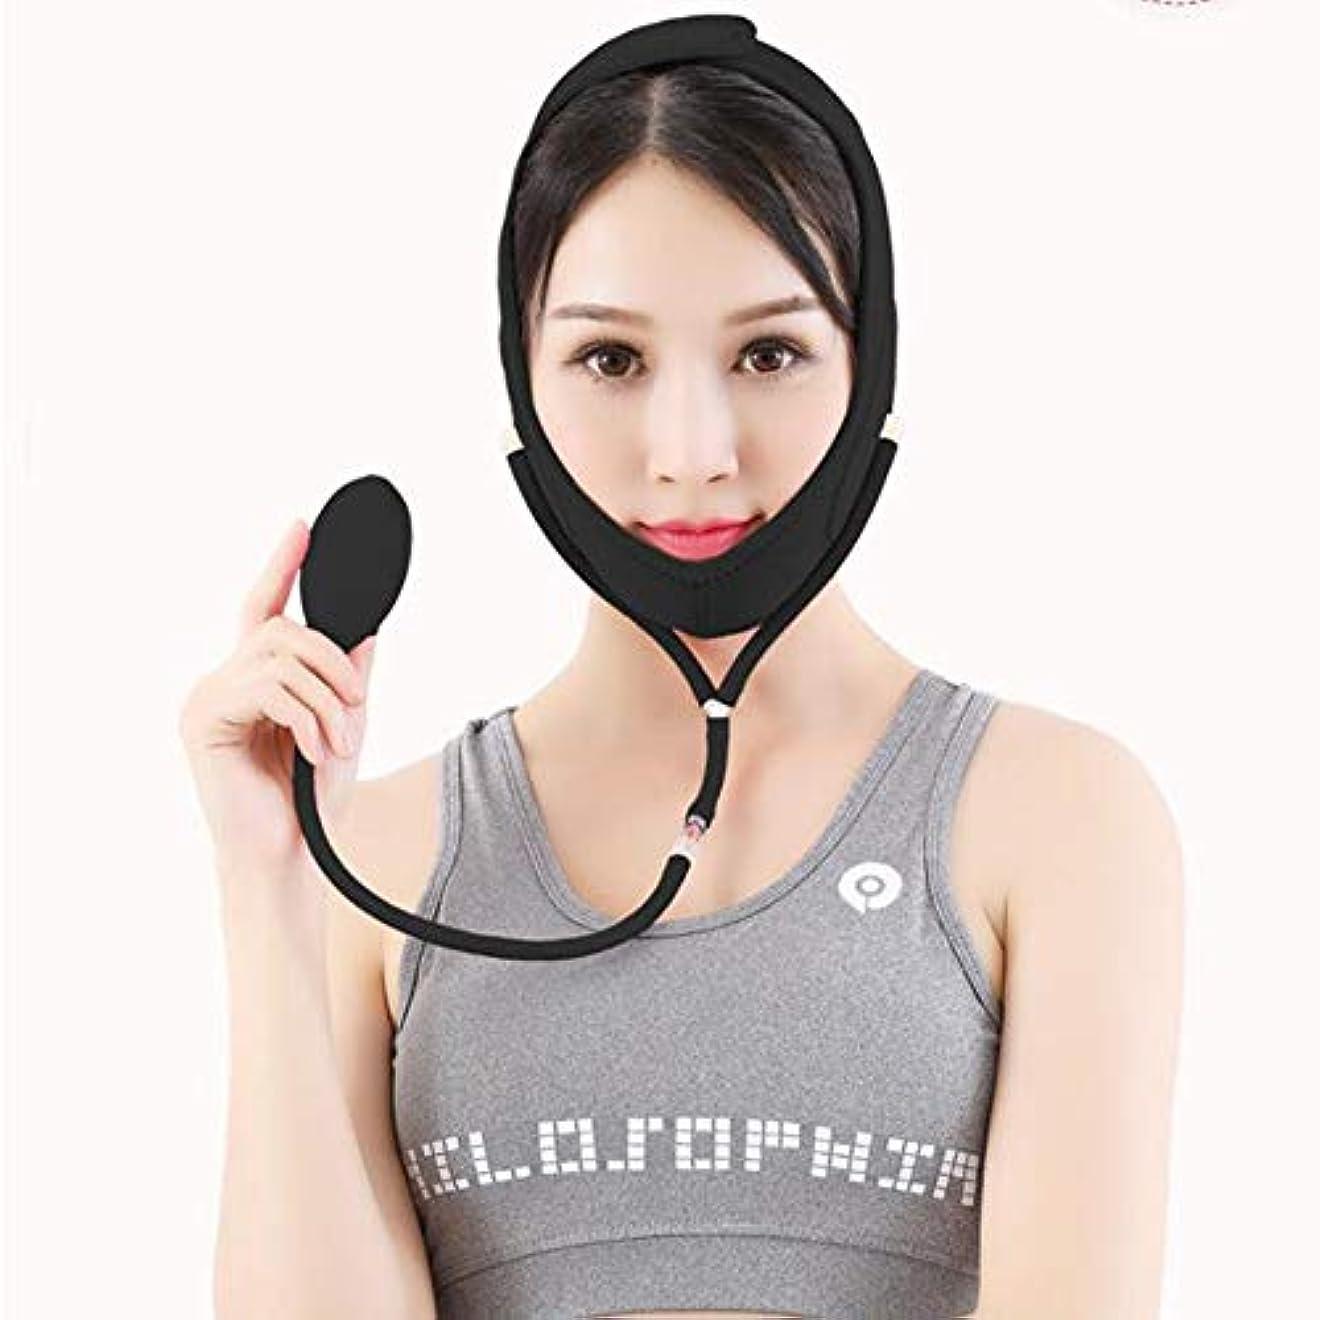 どうしたのびっくり繊毛飛強強 フェイシャルリフティング痩身ベルトダブルエアバッグ圧力調整フェイス包帯マスク整形マスクが顔を引き締める スリムフィット美容ツール (Color : Black, Size : M)